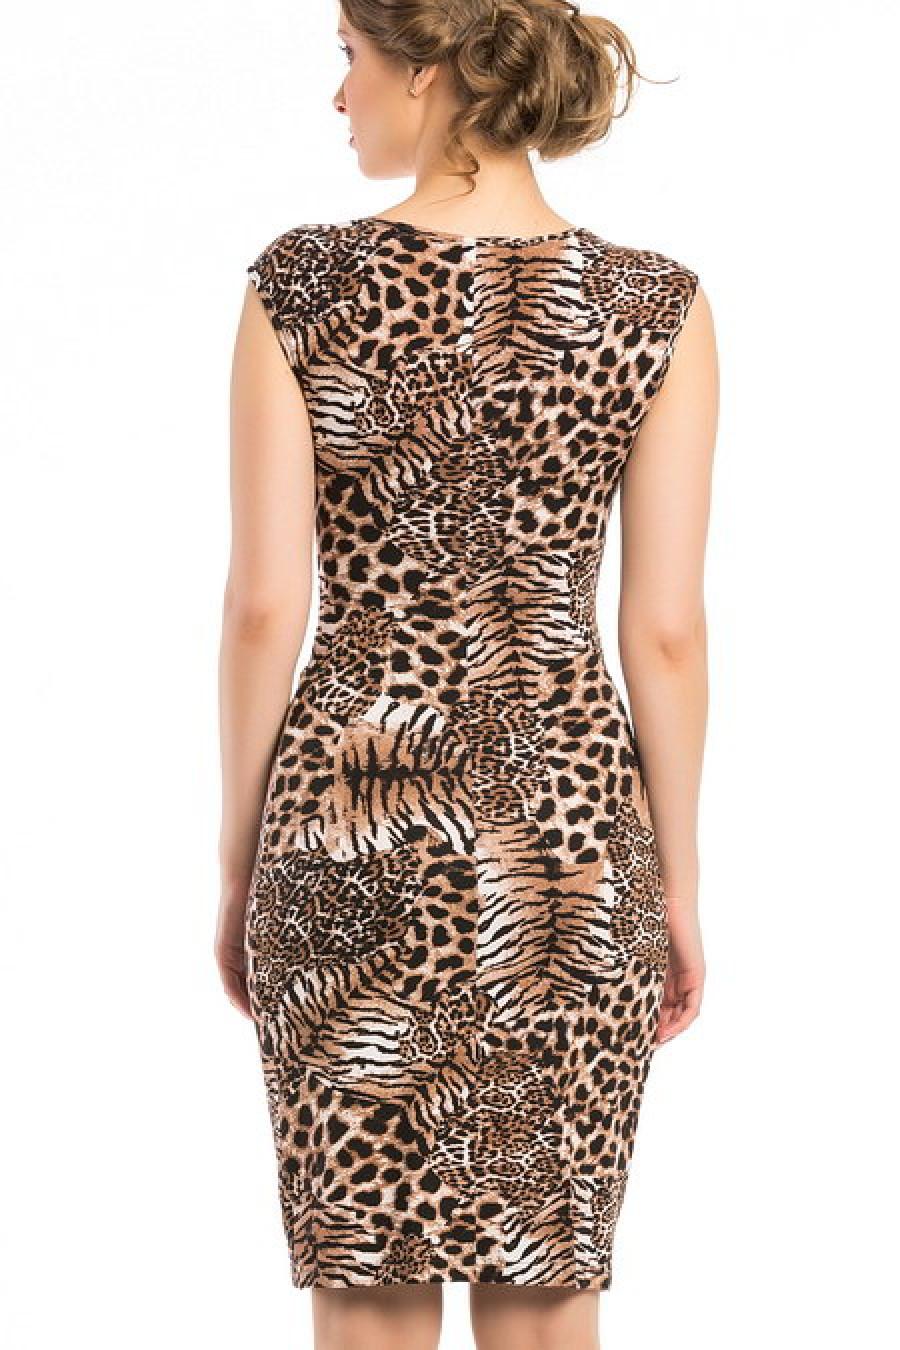 Купить Леопардовые Платья